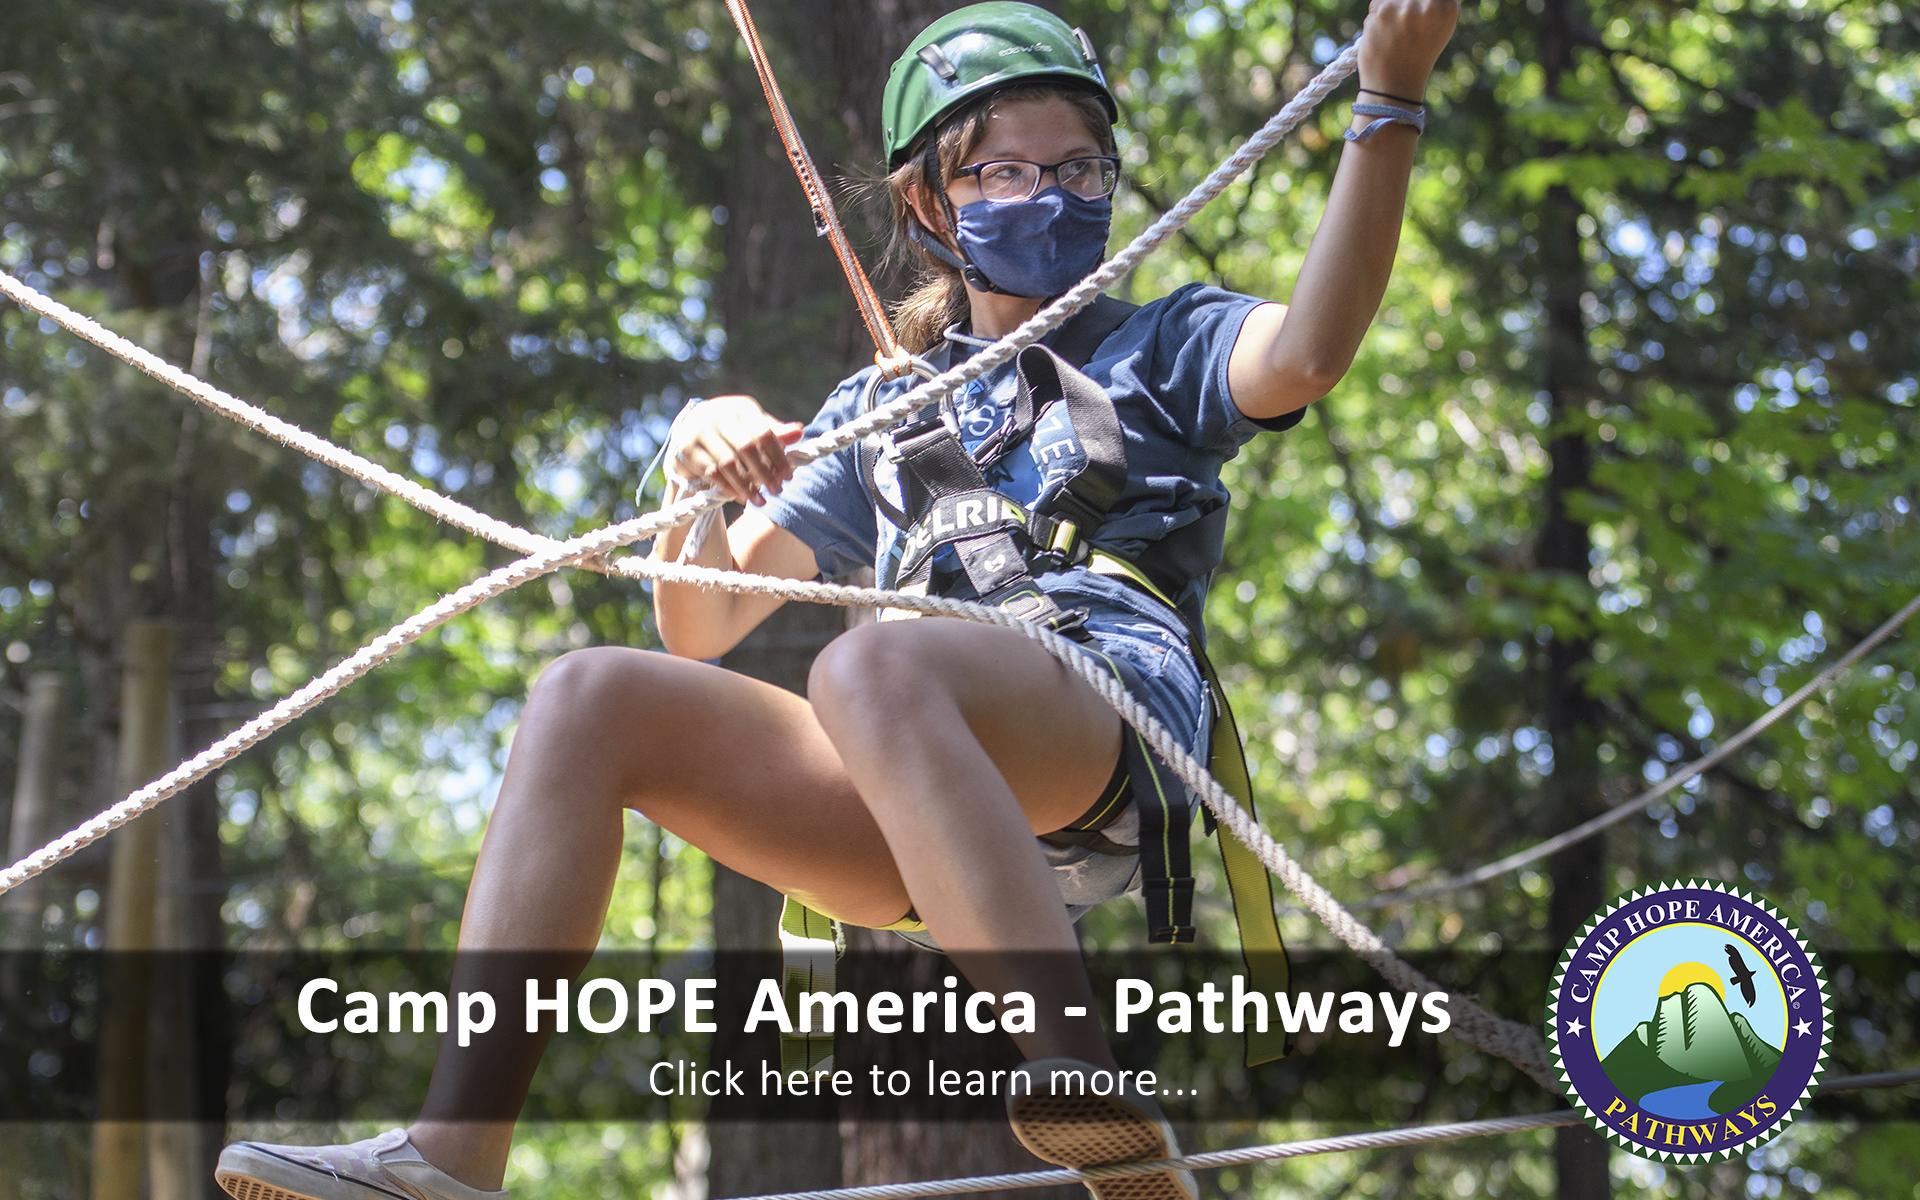 Camp Hope America